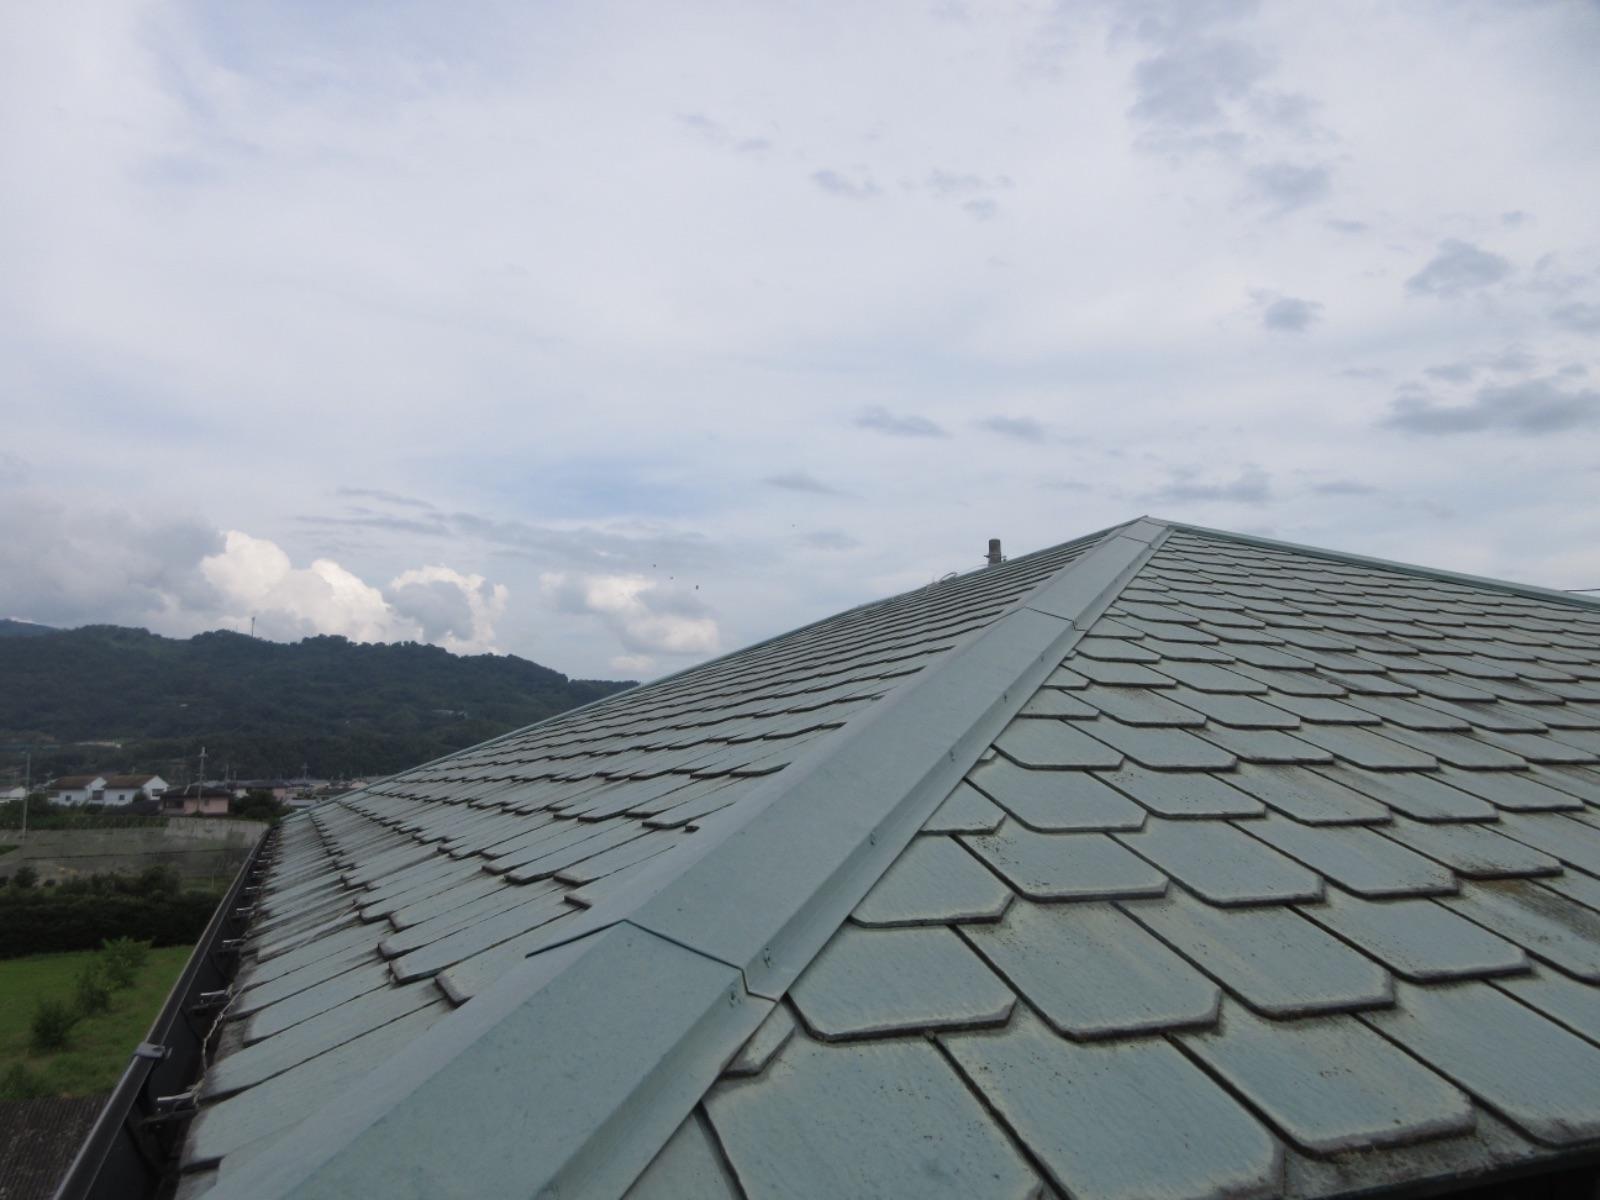 【紀の川市】 M様邸<br>『グリーンの屋根が 上品に輝いています★』3